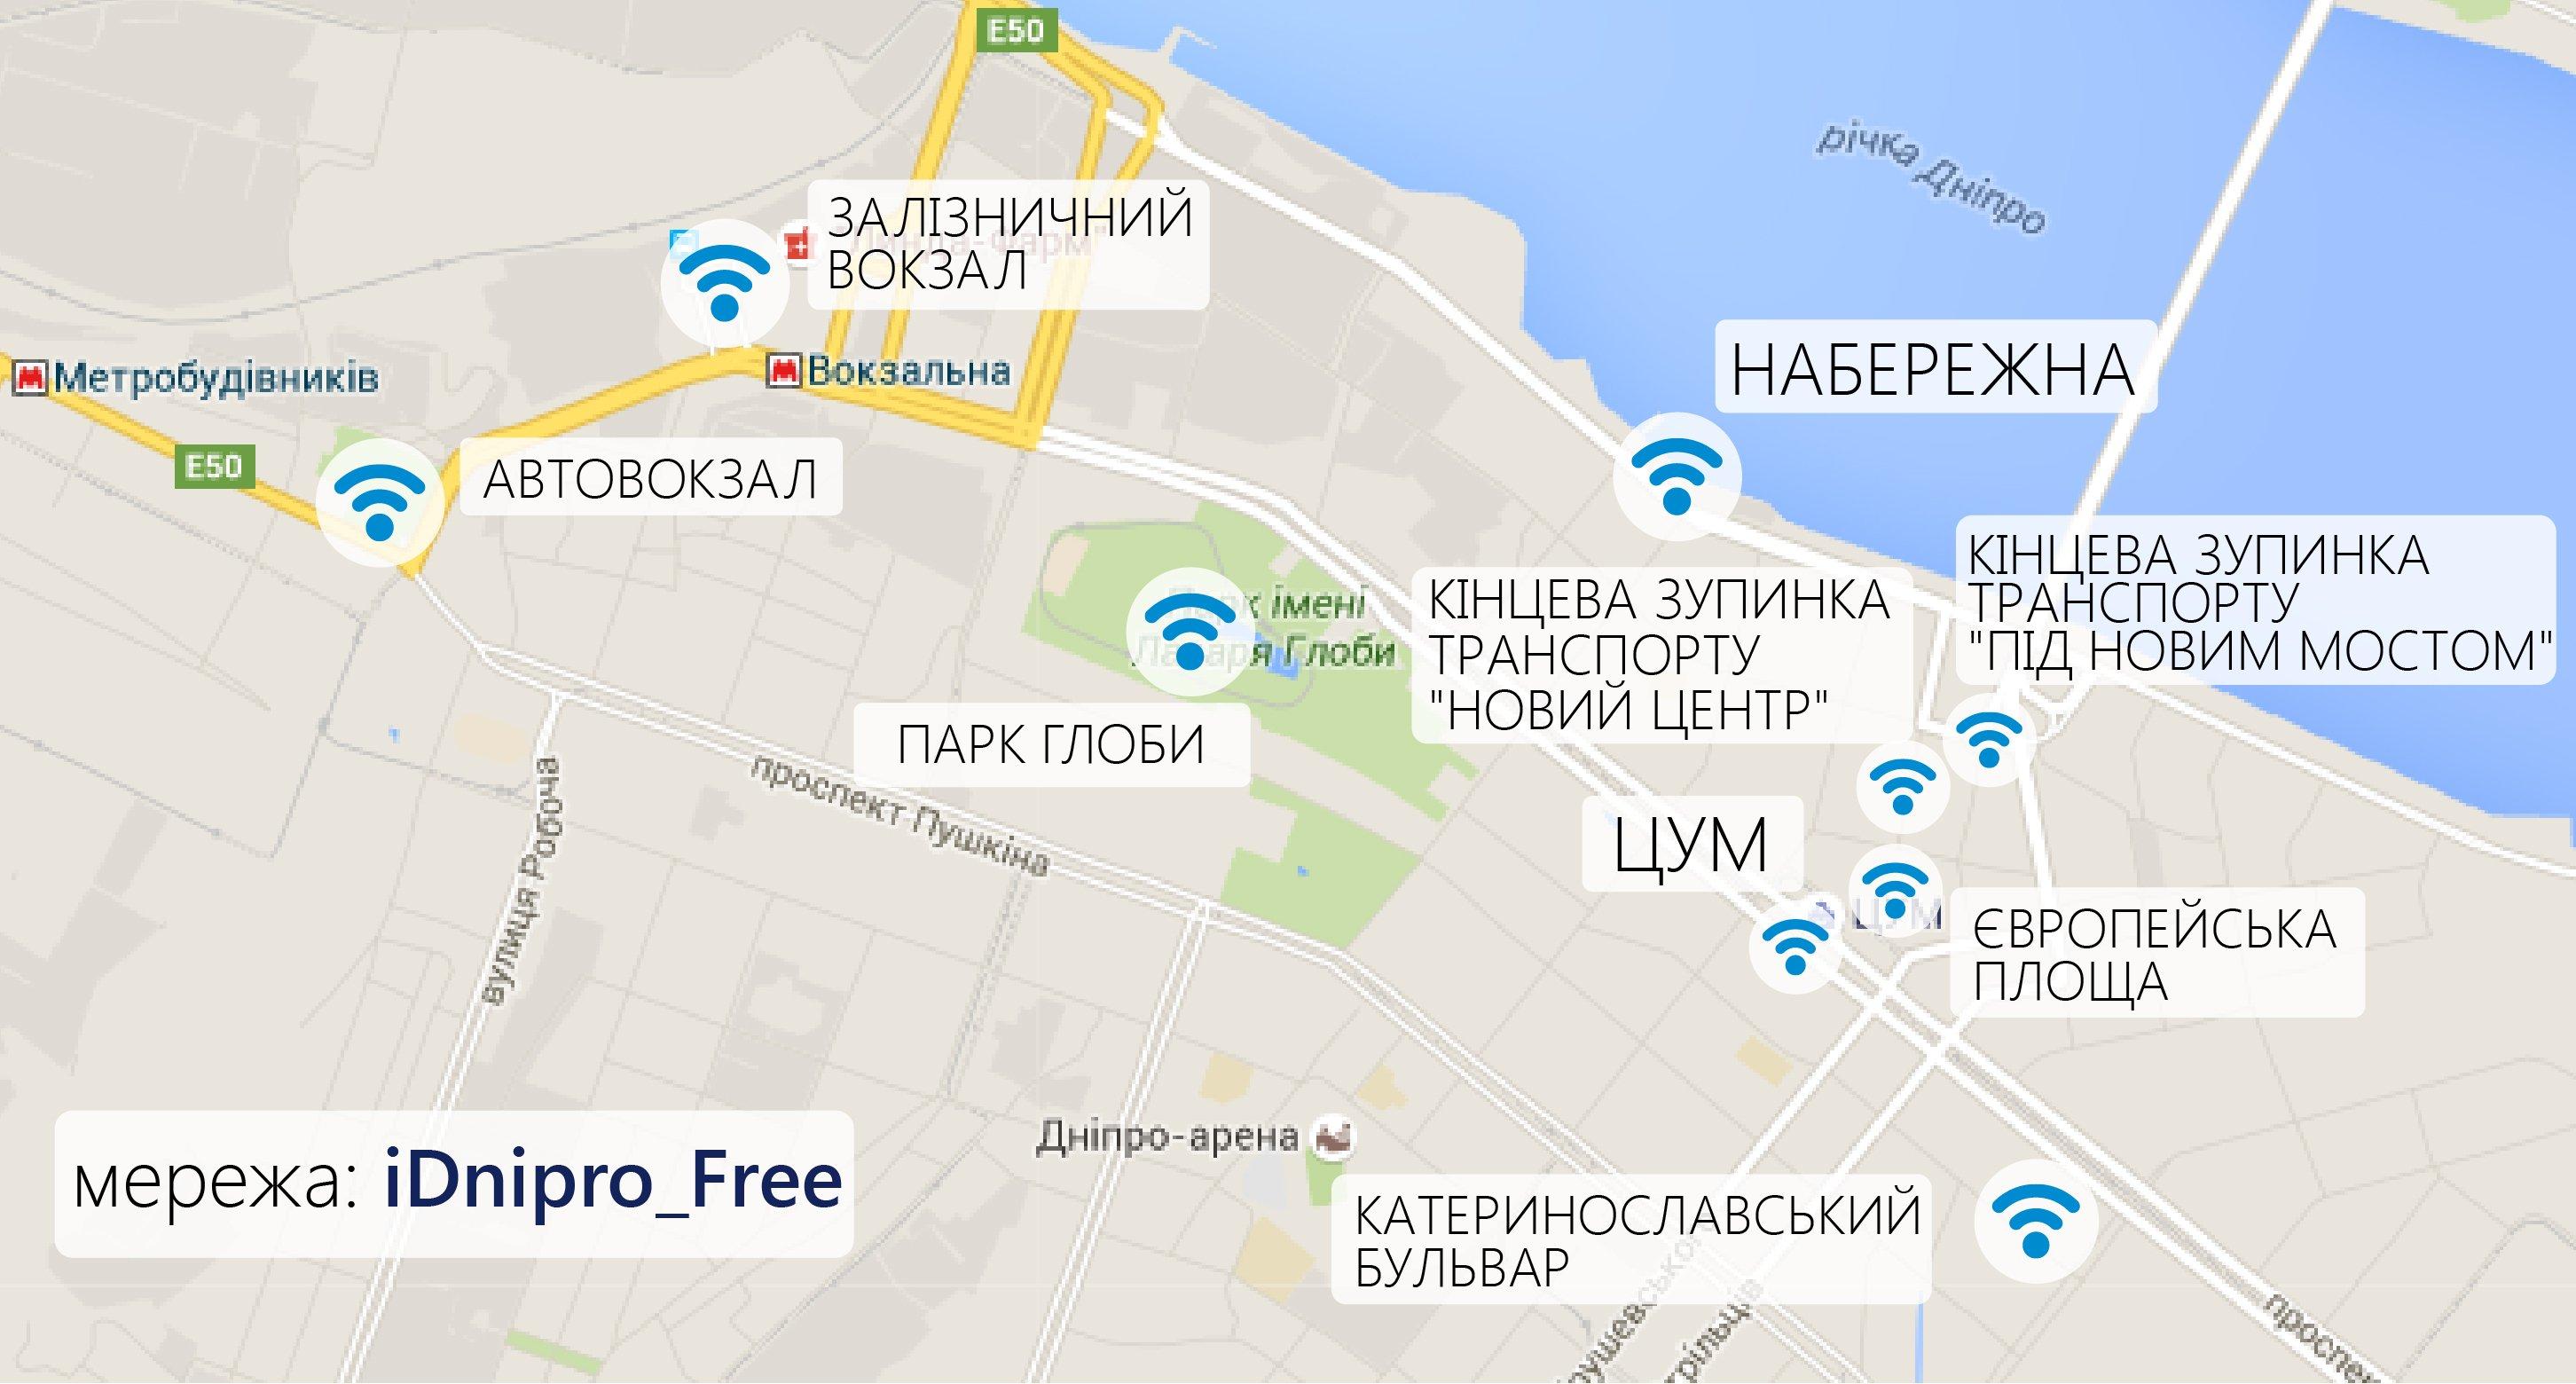 wi-fi_22.12.15_укр_АВА-01-01-01